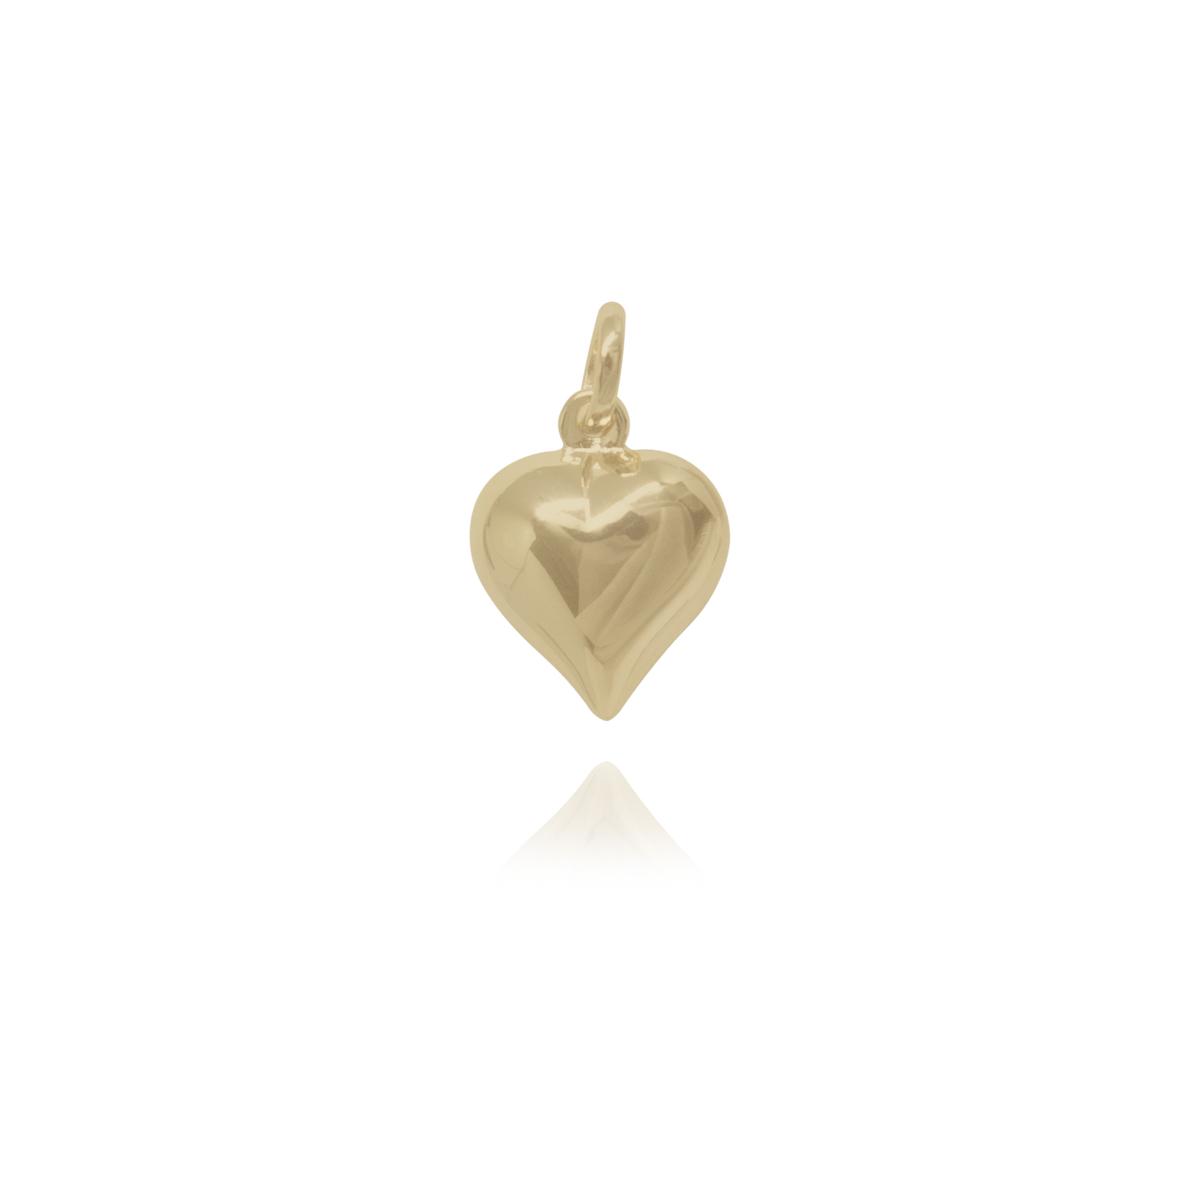 Pingente semijoia Coração pontudo folheado ouro 18k / ródio